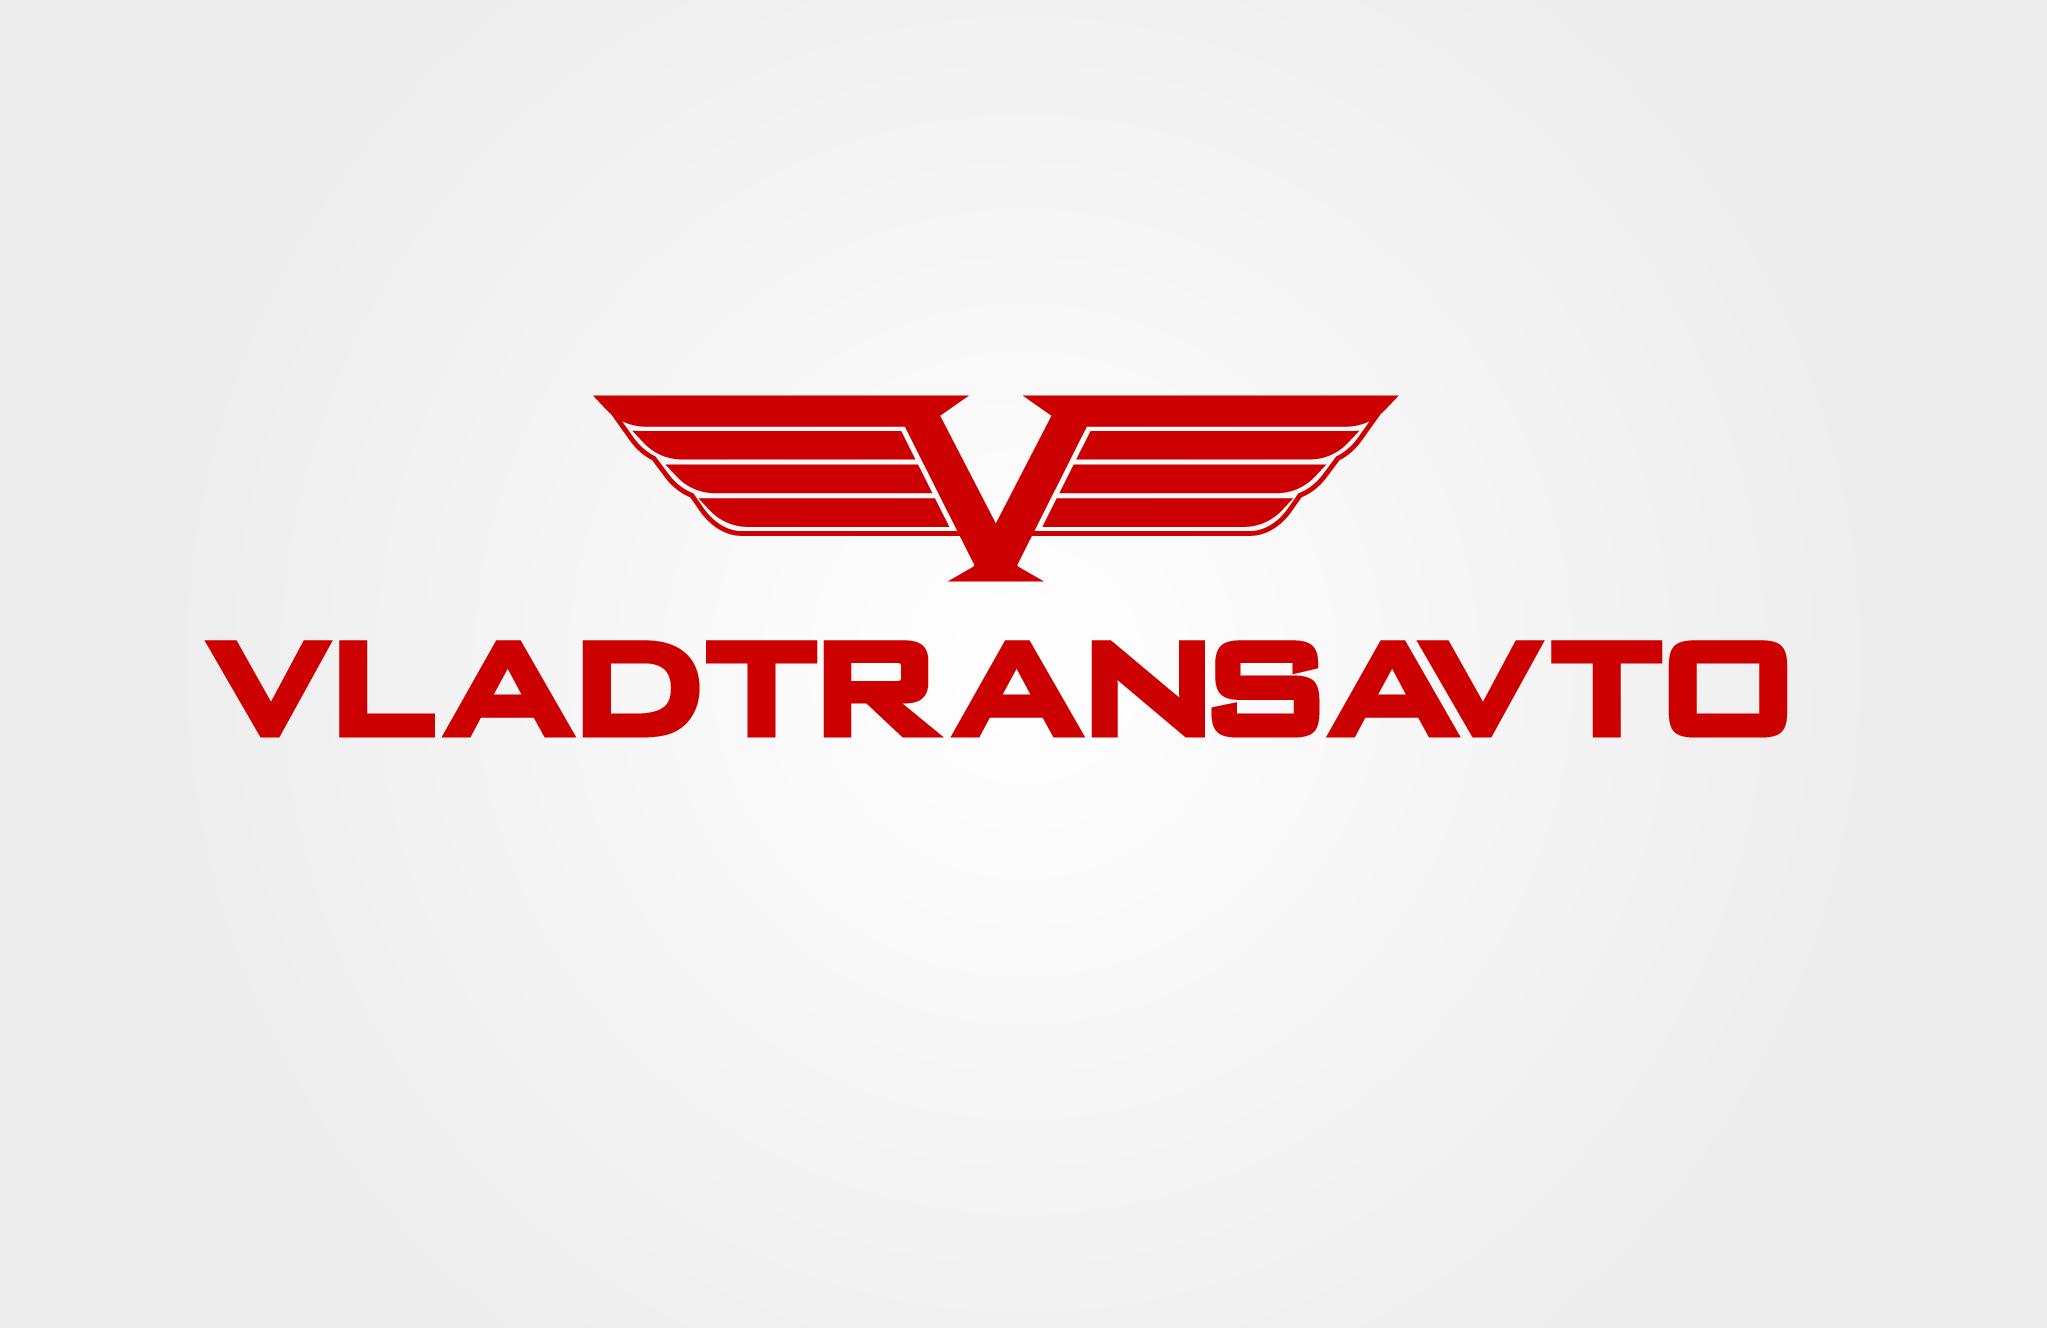 Логотип и фирменный стиль для транспортной компании Владтрансавто фото f_7505cdc0e8e09a75.jpg